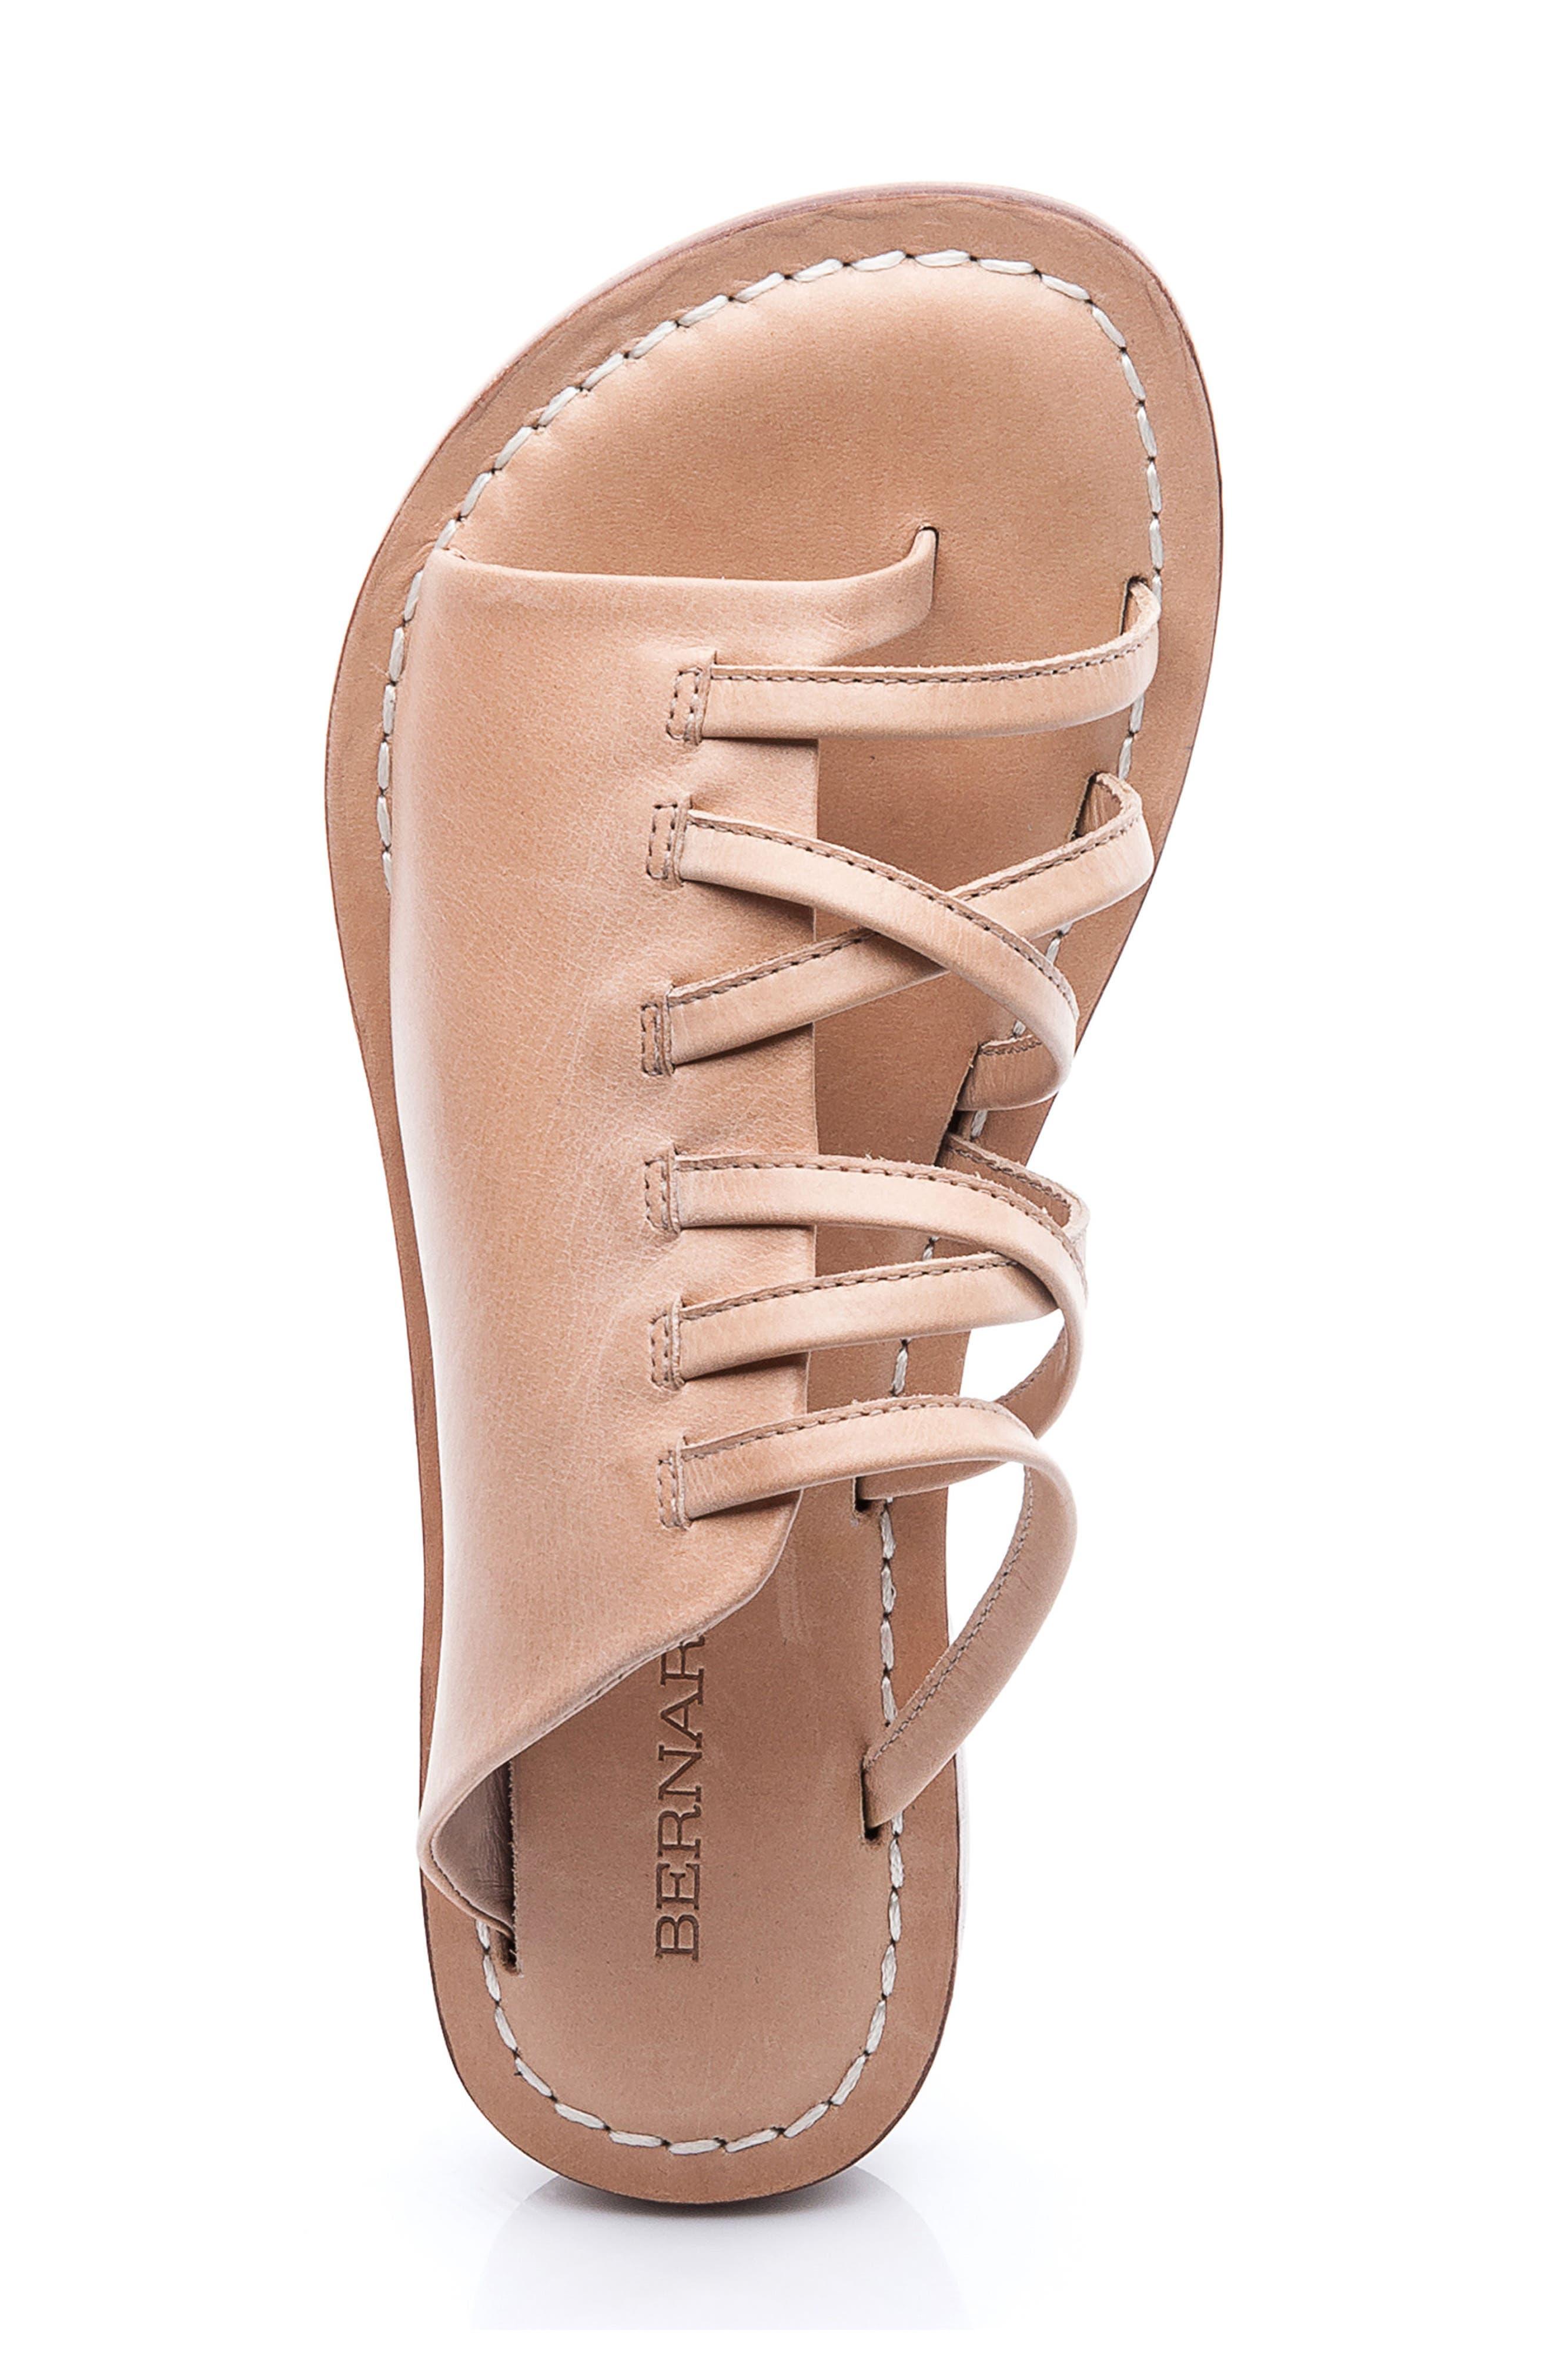 Bernardo Tori Slide Sandal,                             Alternate thumbnail 3, color,                             Light Camel Leather